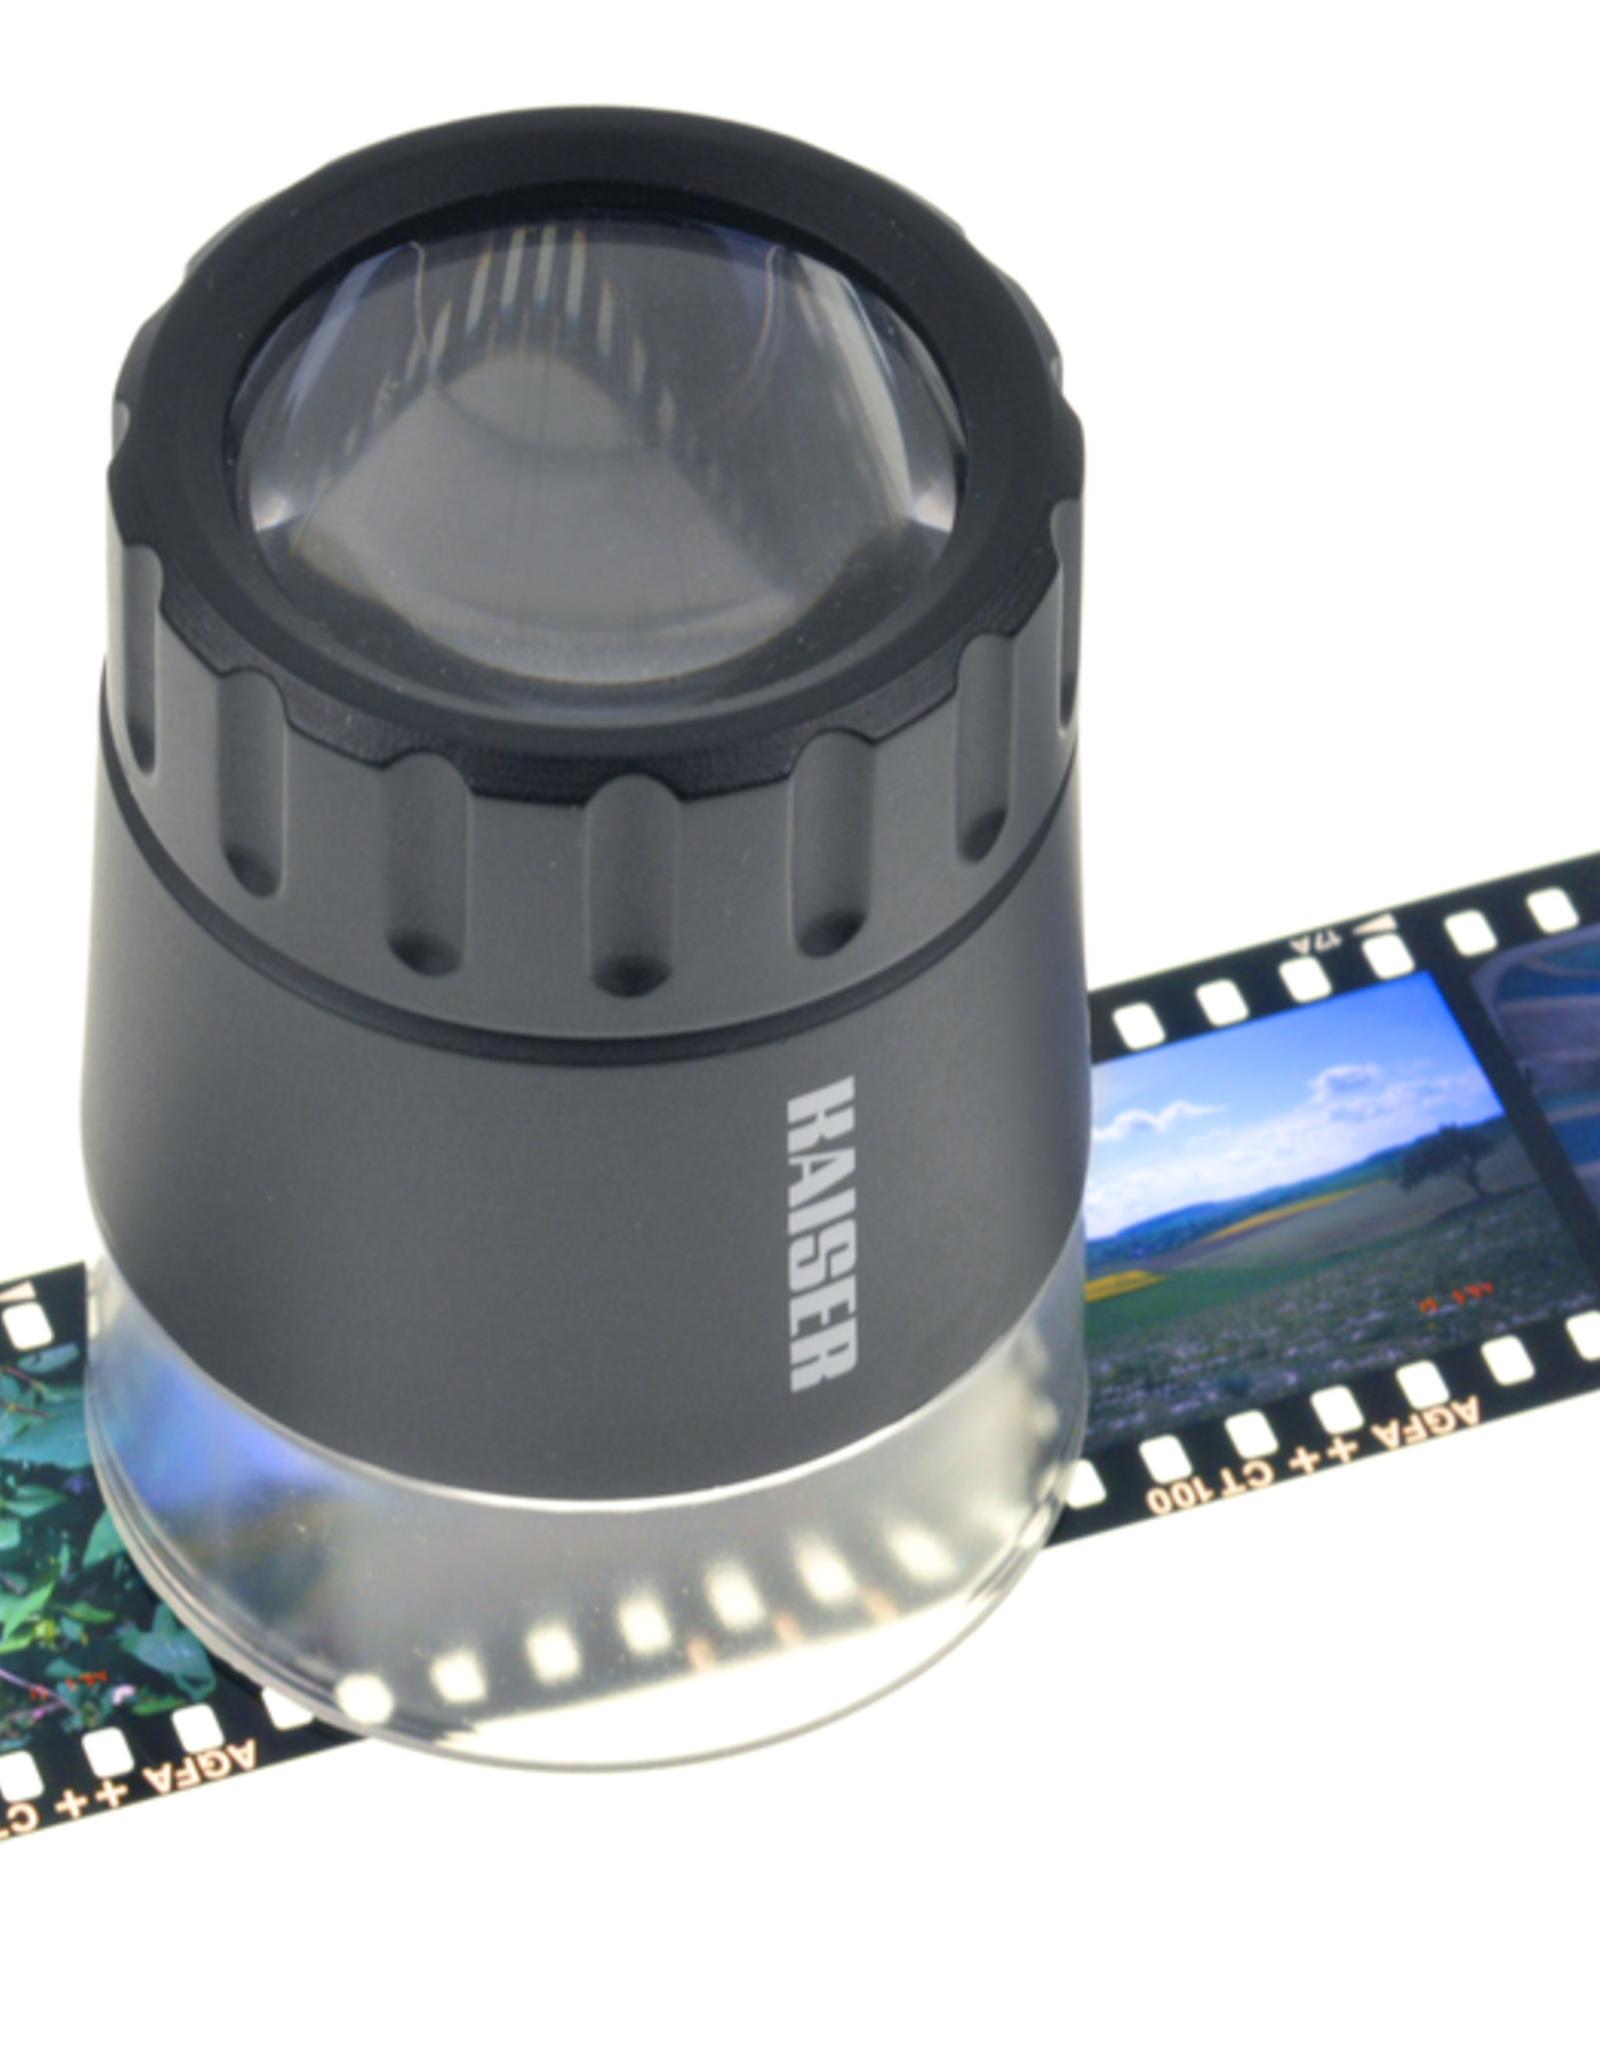 Kaiser All-Purpose Magnifier 4.5 x,